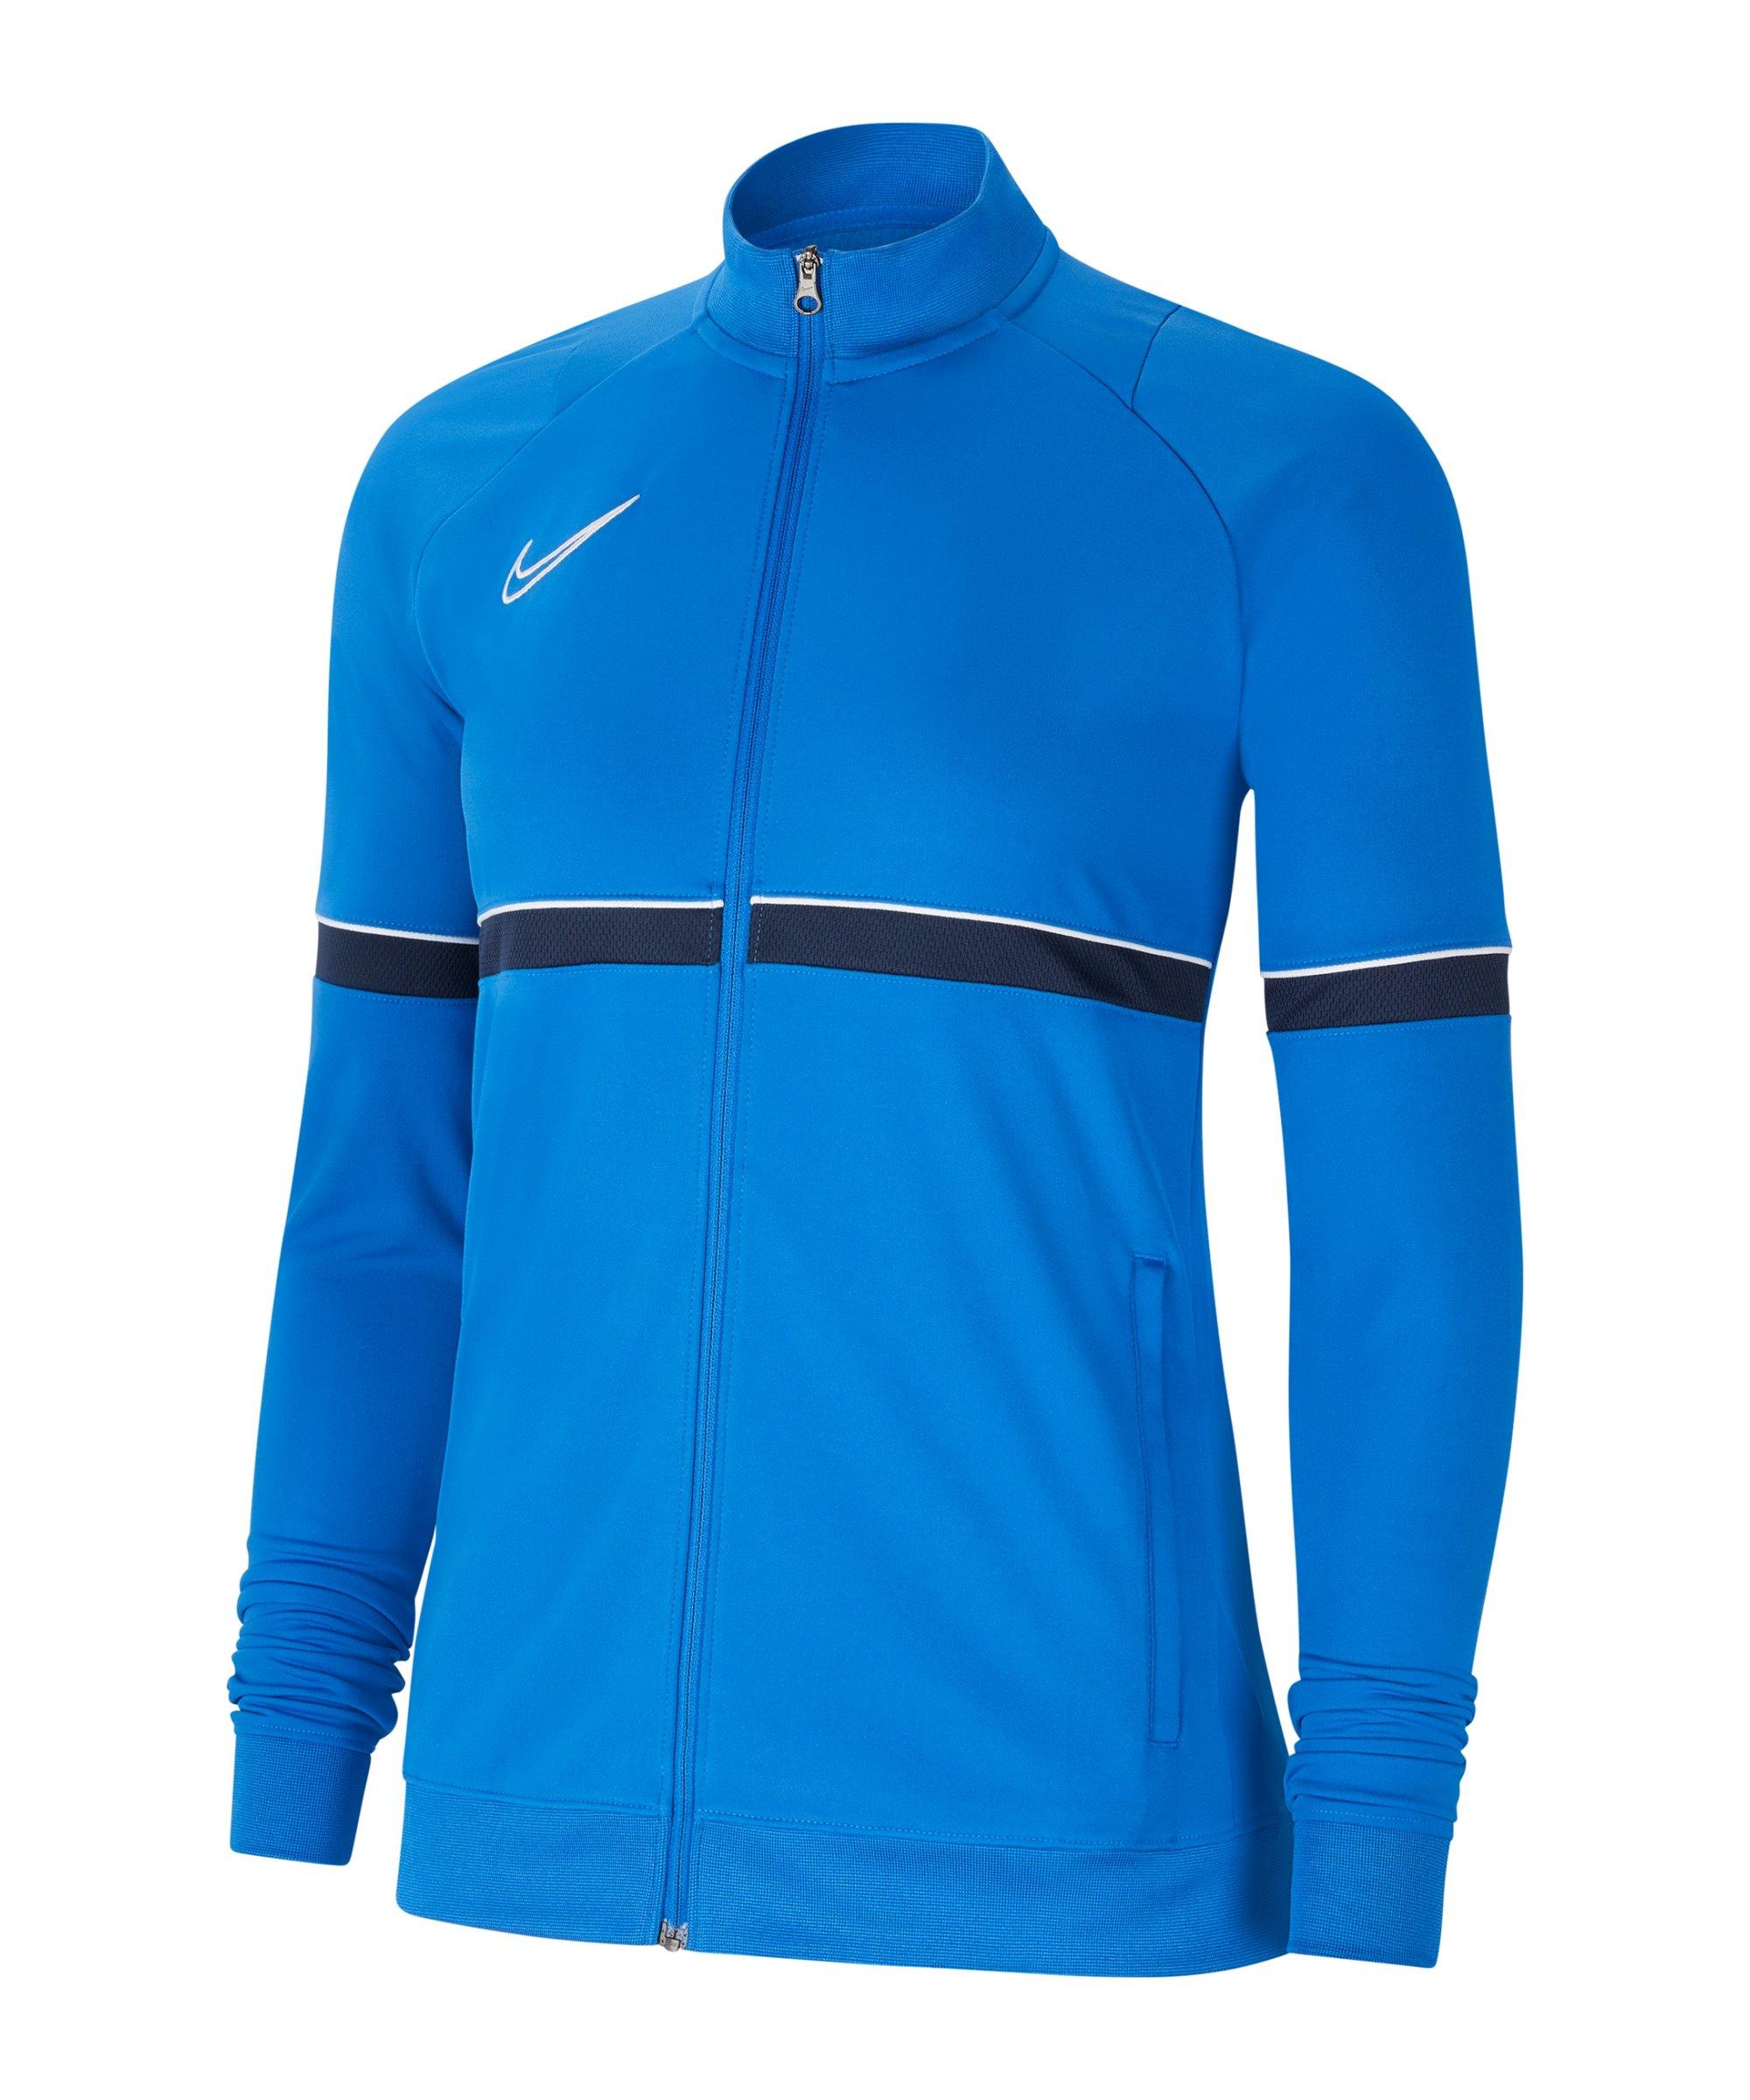 Nike Academy 21 Trainingsjacke Damen Blau F463 - blau